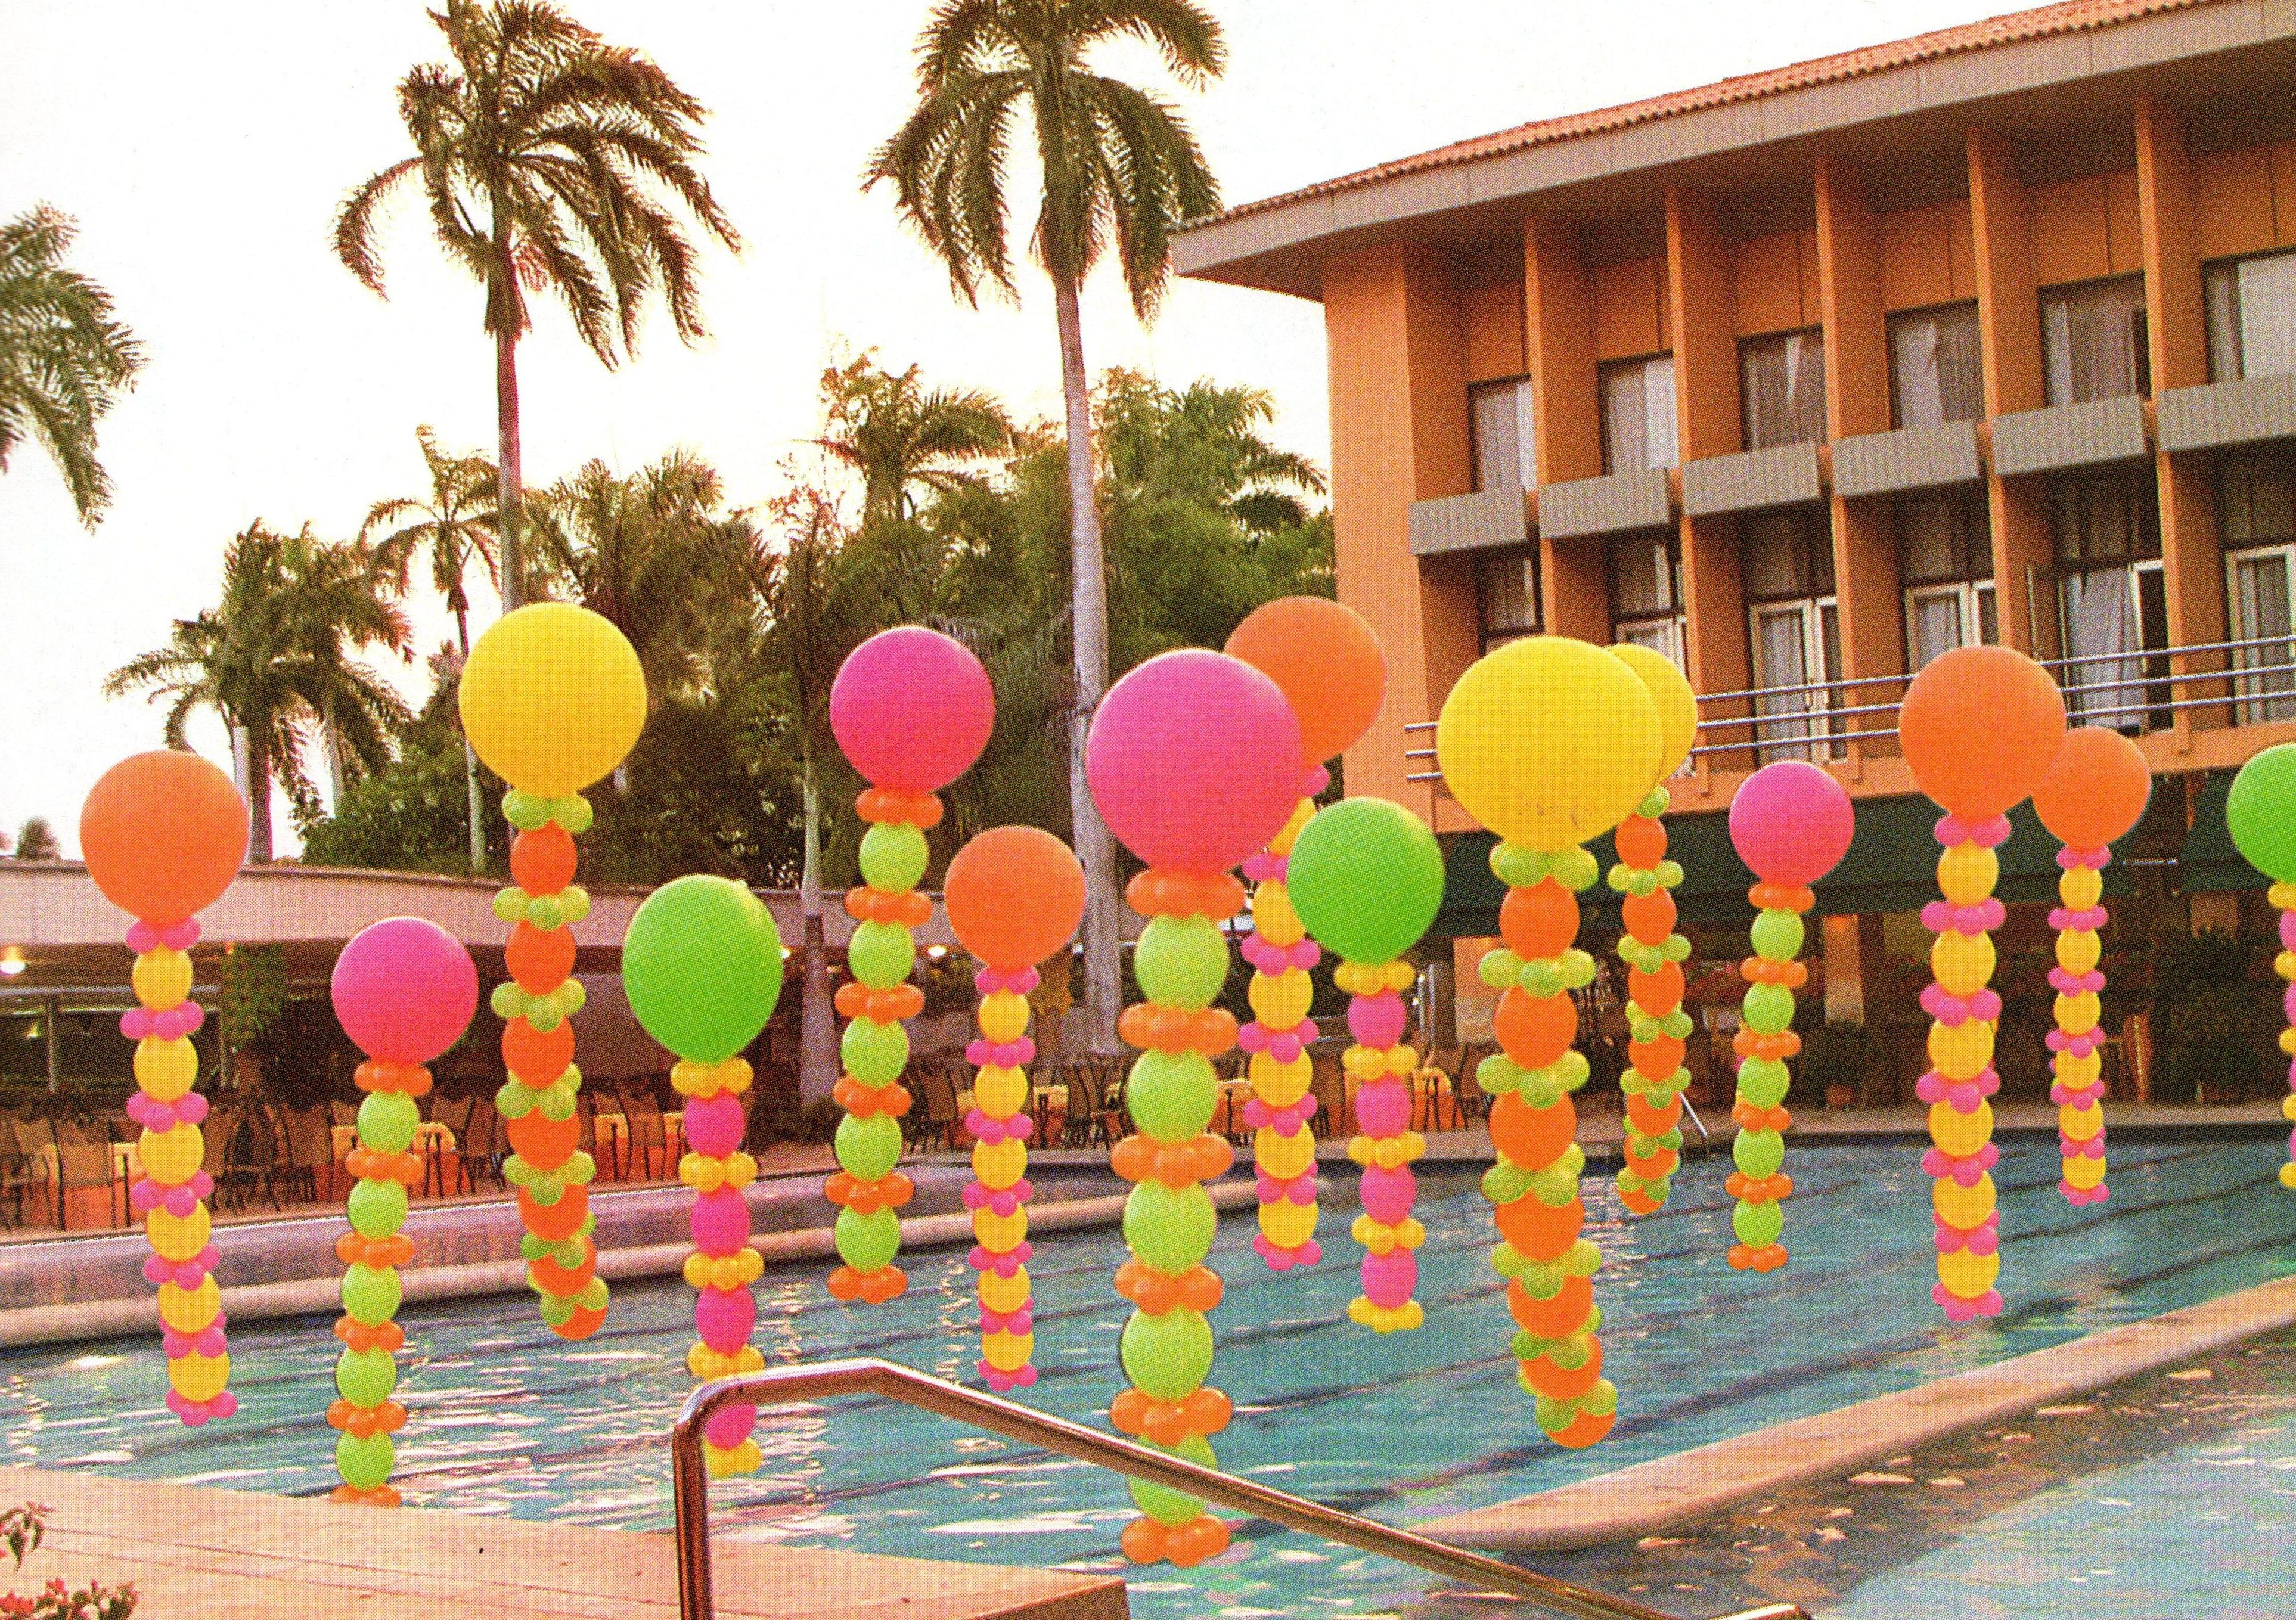 Como nos encanta decorar con globos mira como quedo esta piscina